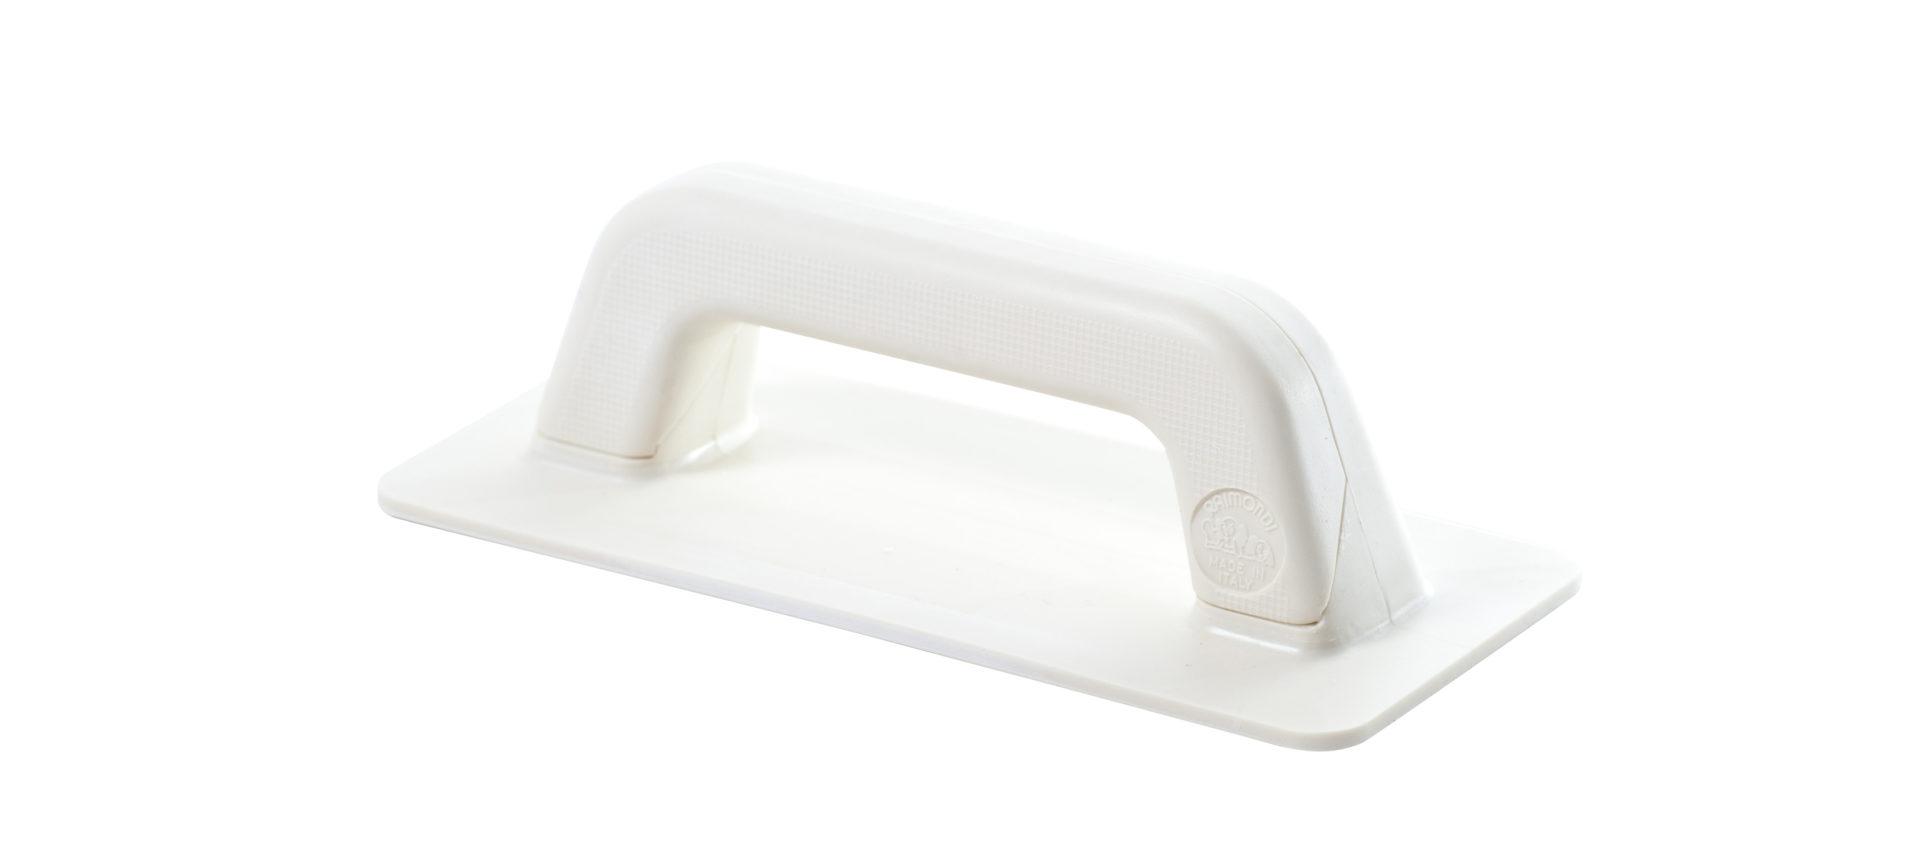 La poignée Velcro vous offre une bonne prise en main grâce à son ergonomie. Vous pouvez fixer facilement le feutre et le remplacer une fois usé. Elle est donc réutilisable à l'infini !